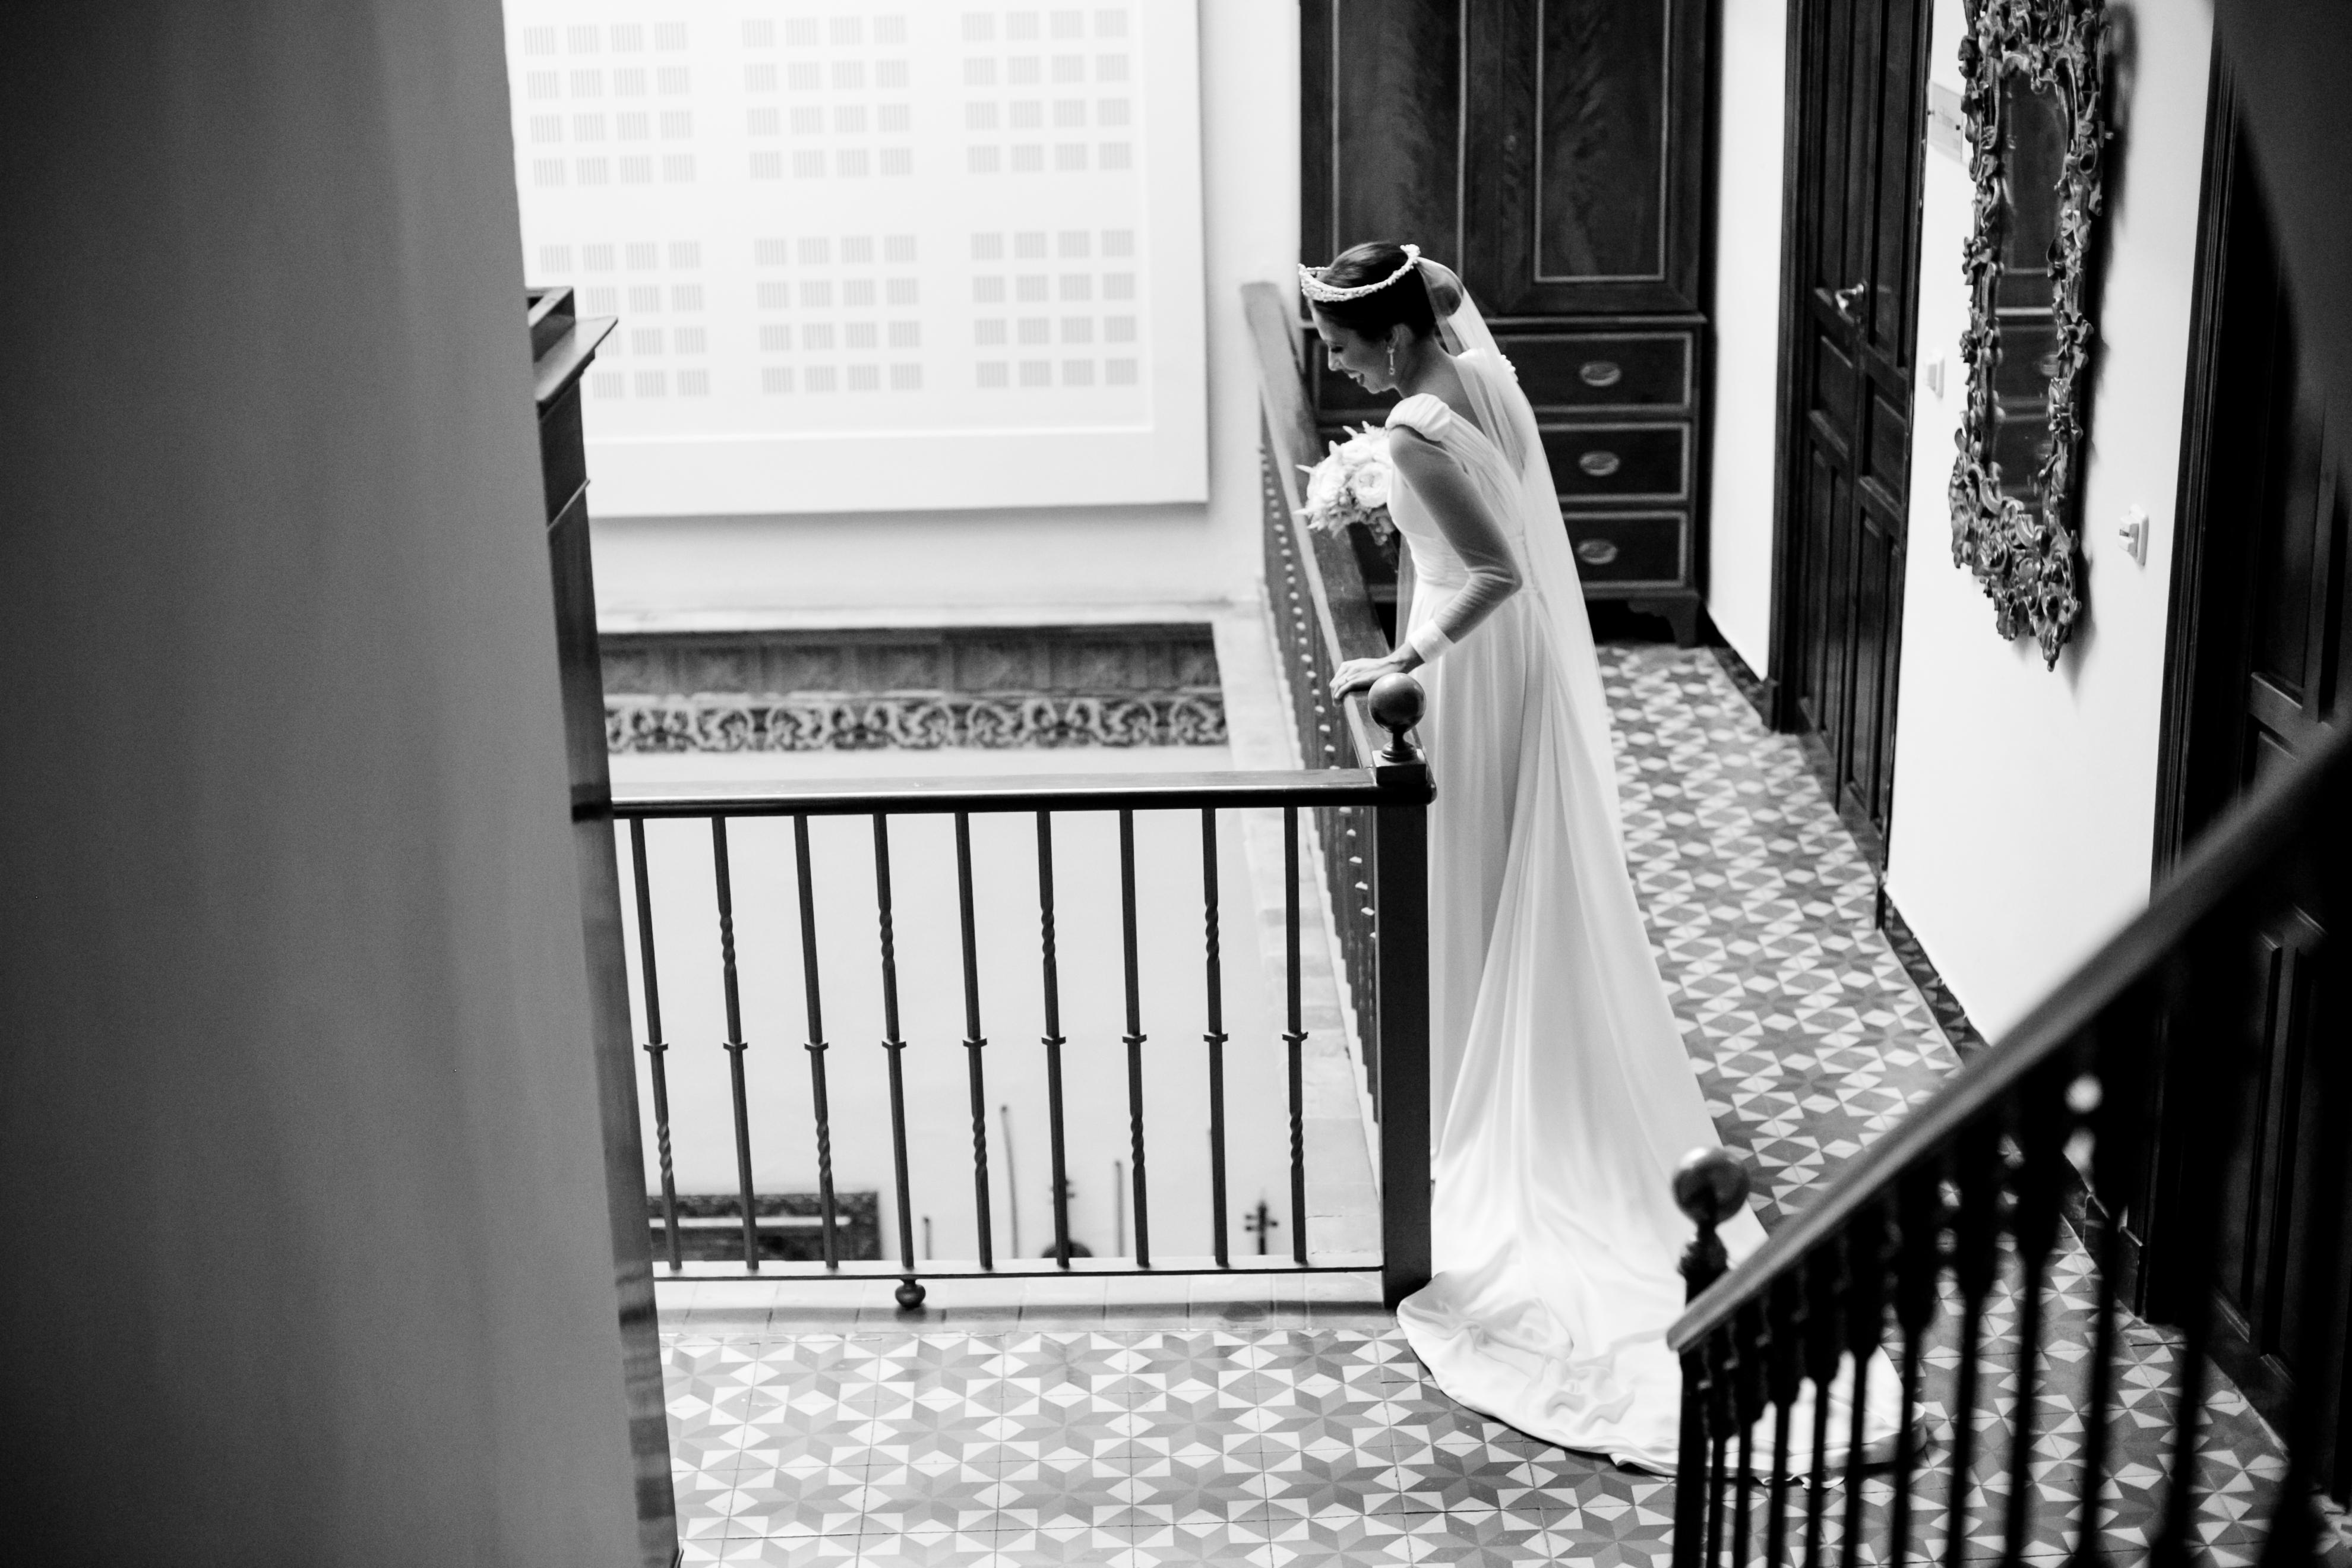 La boda de Giulia y Javier